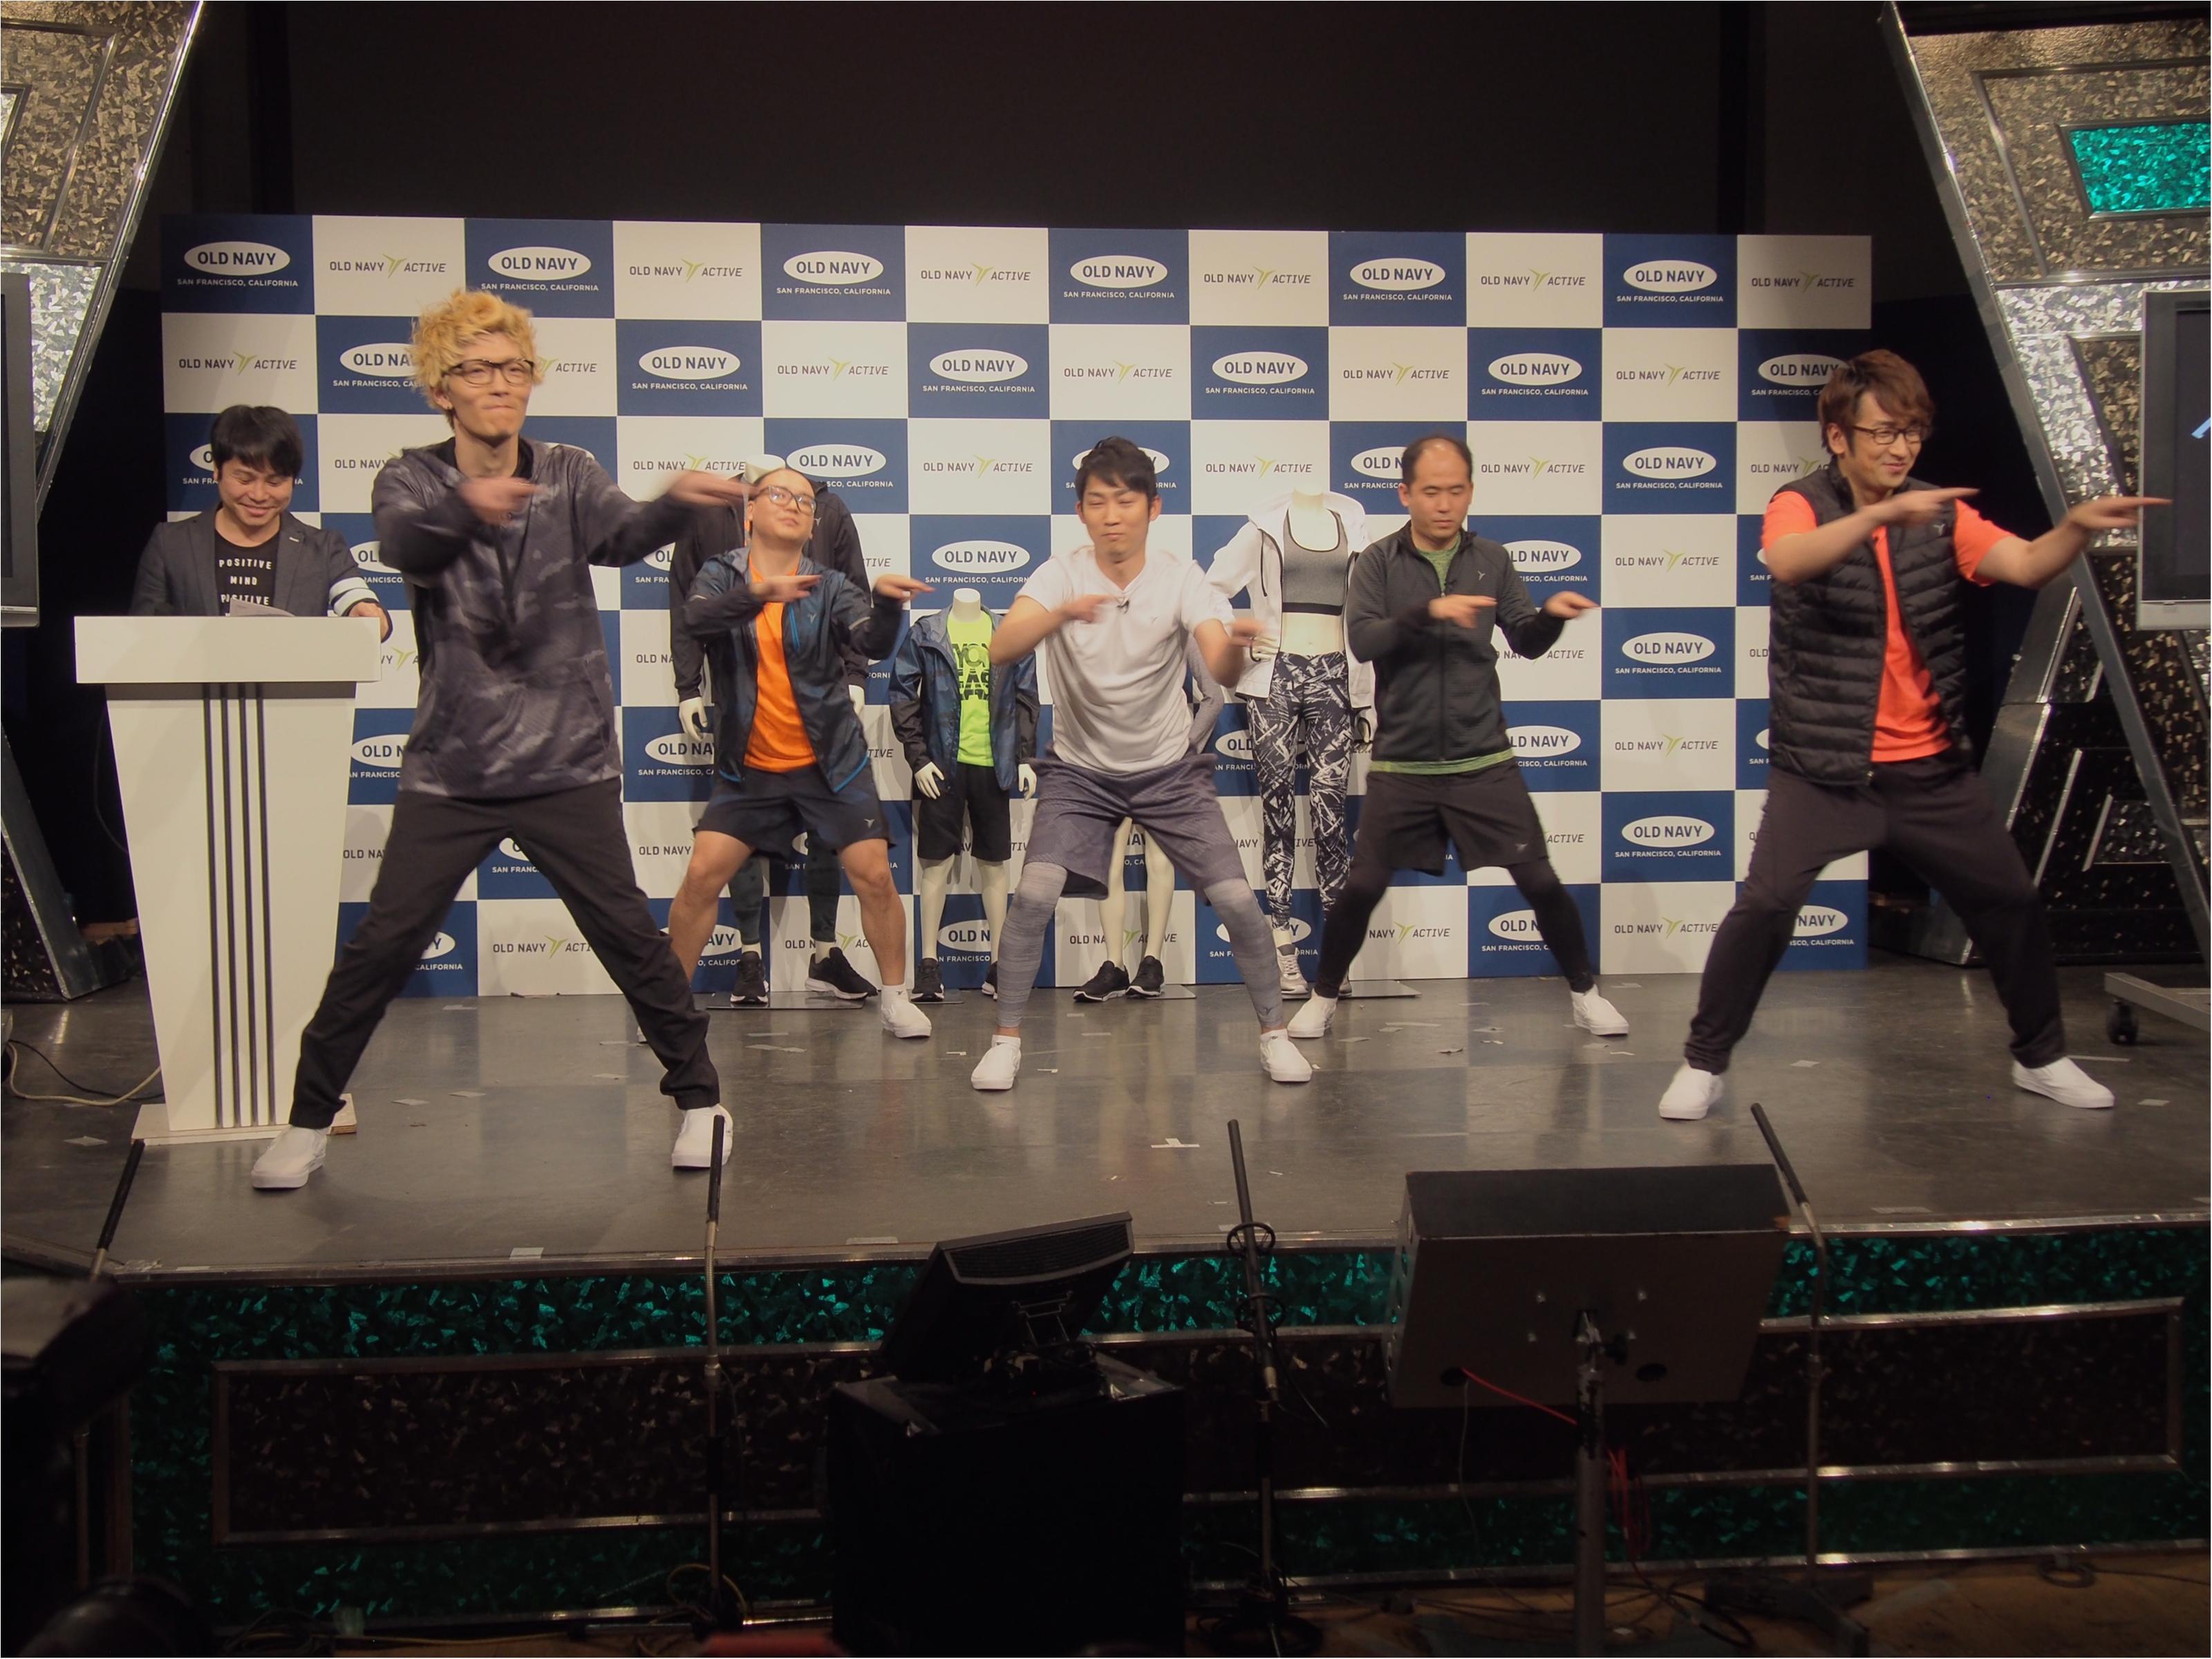 エグスプロージョン&トレンディエンジェルがダンスで魅せる! 『OLD NAVY』アクティブウェアが日本初上陸☆_4